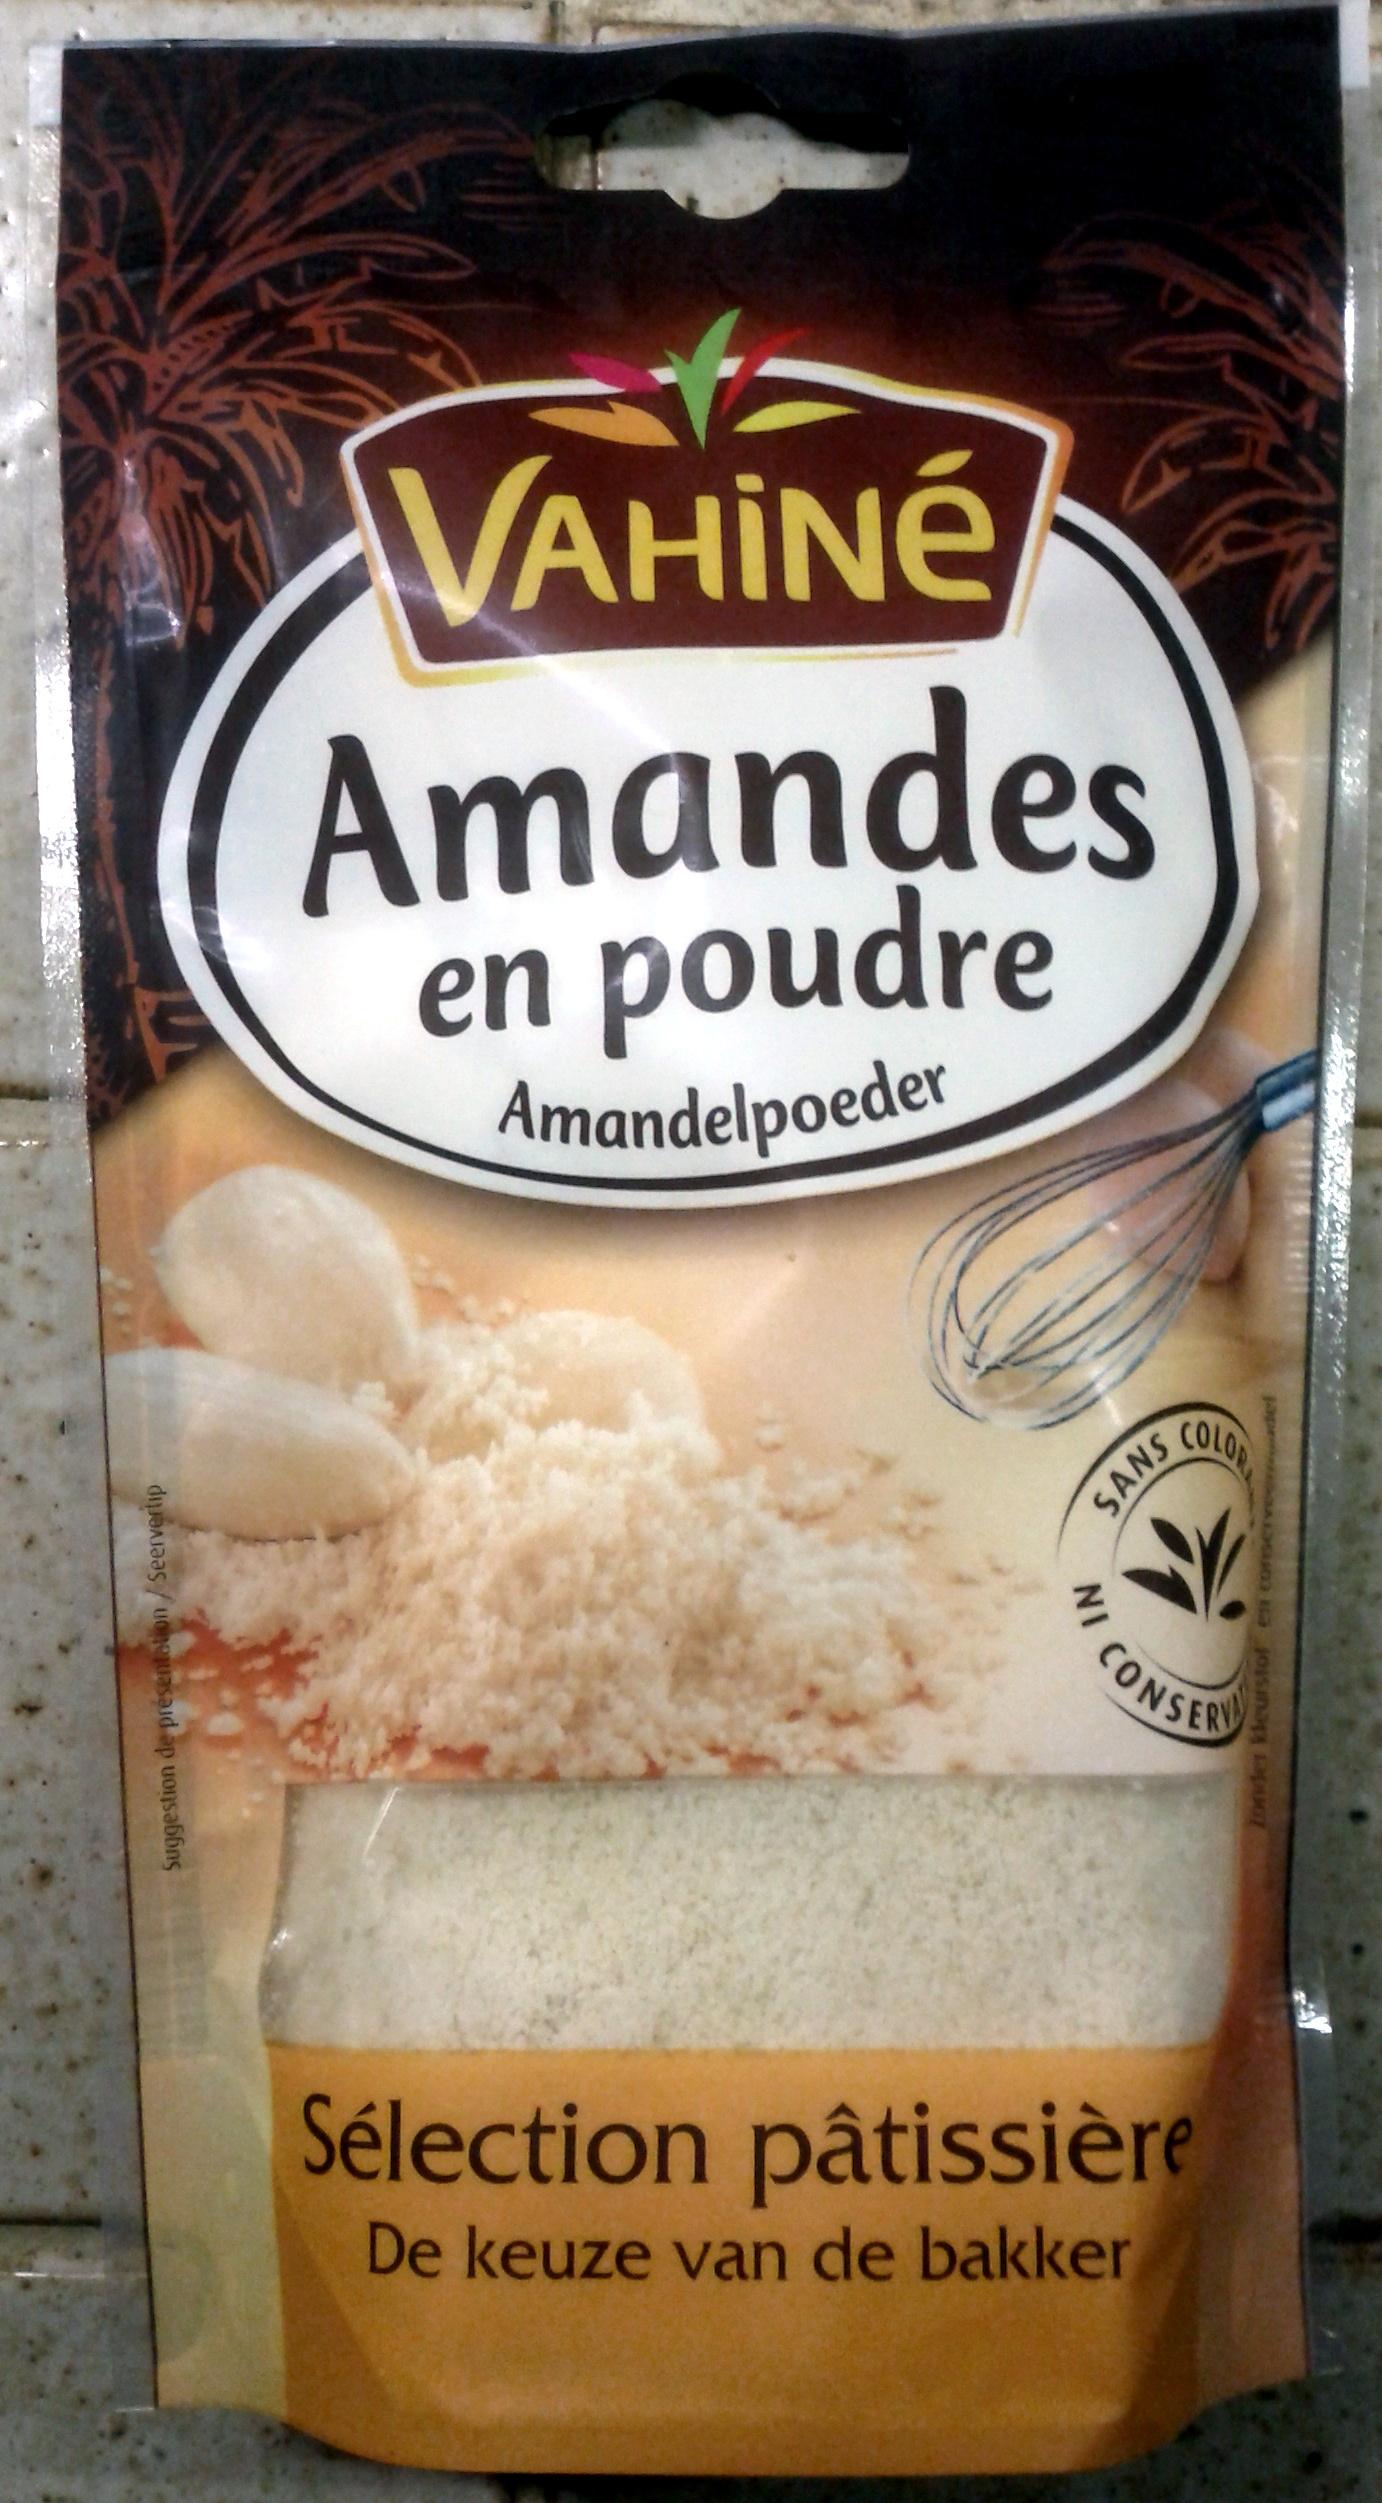 Amandes en poudre sélection pâtissière - Product